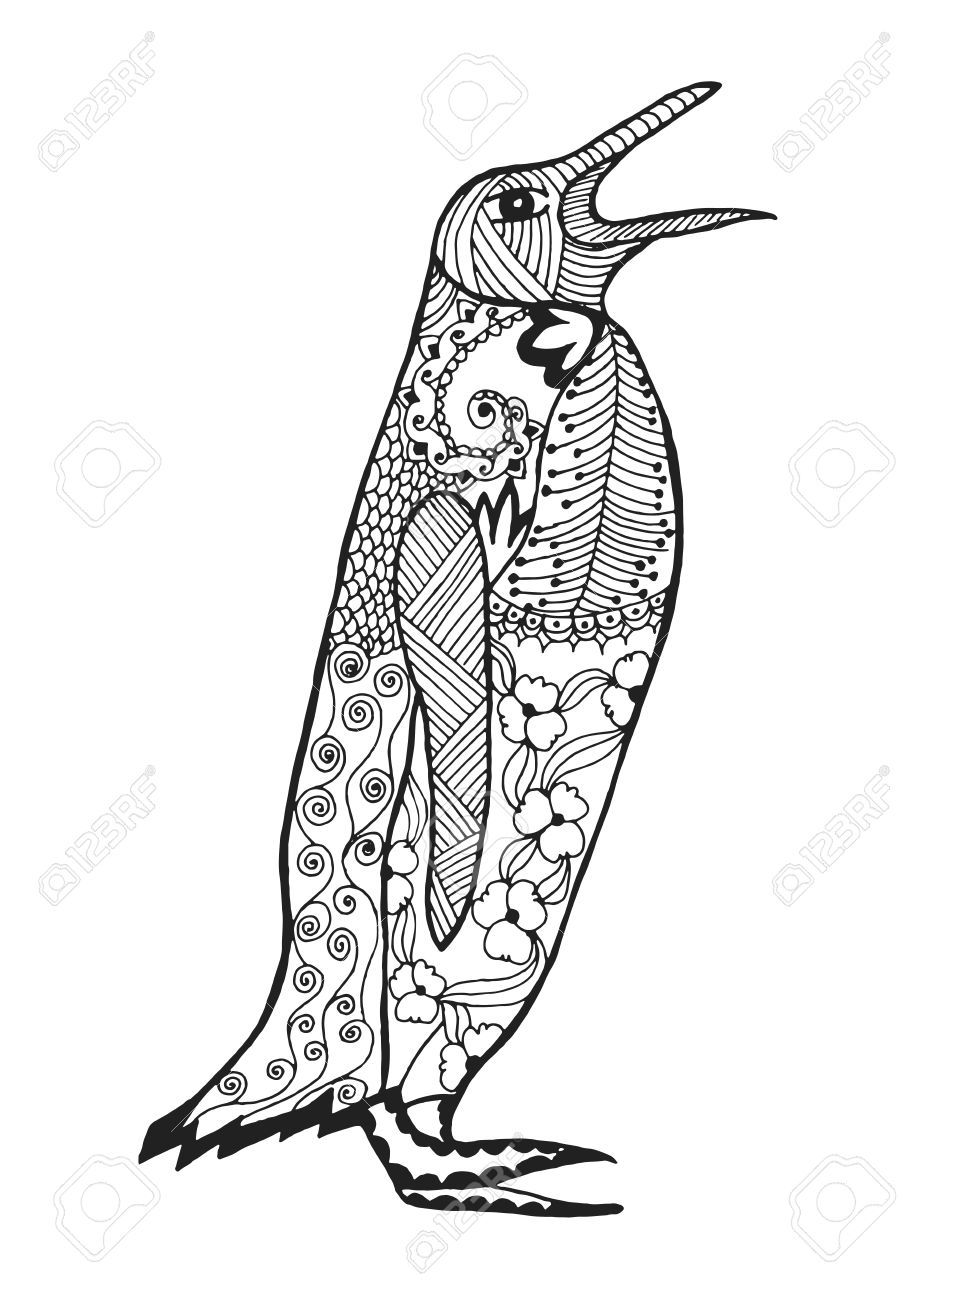 Leuke Pinguin Volwassen Antistress Kleurplaat Zwart Wit Hand Getrokken Doodle Dier Etnische Pa Etnische Patronen Kleurplaten Voor Volwassenen Handen Tekenen